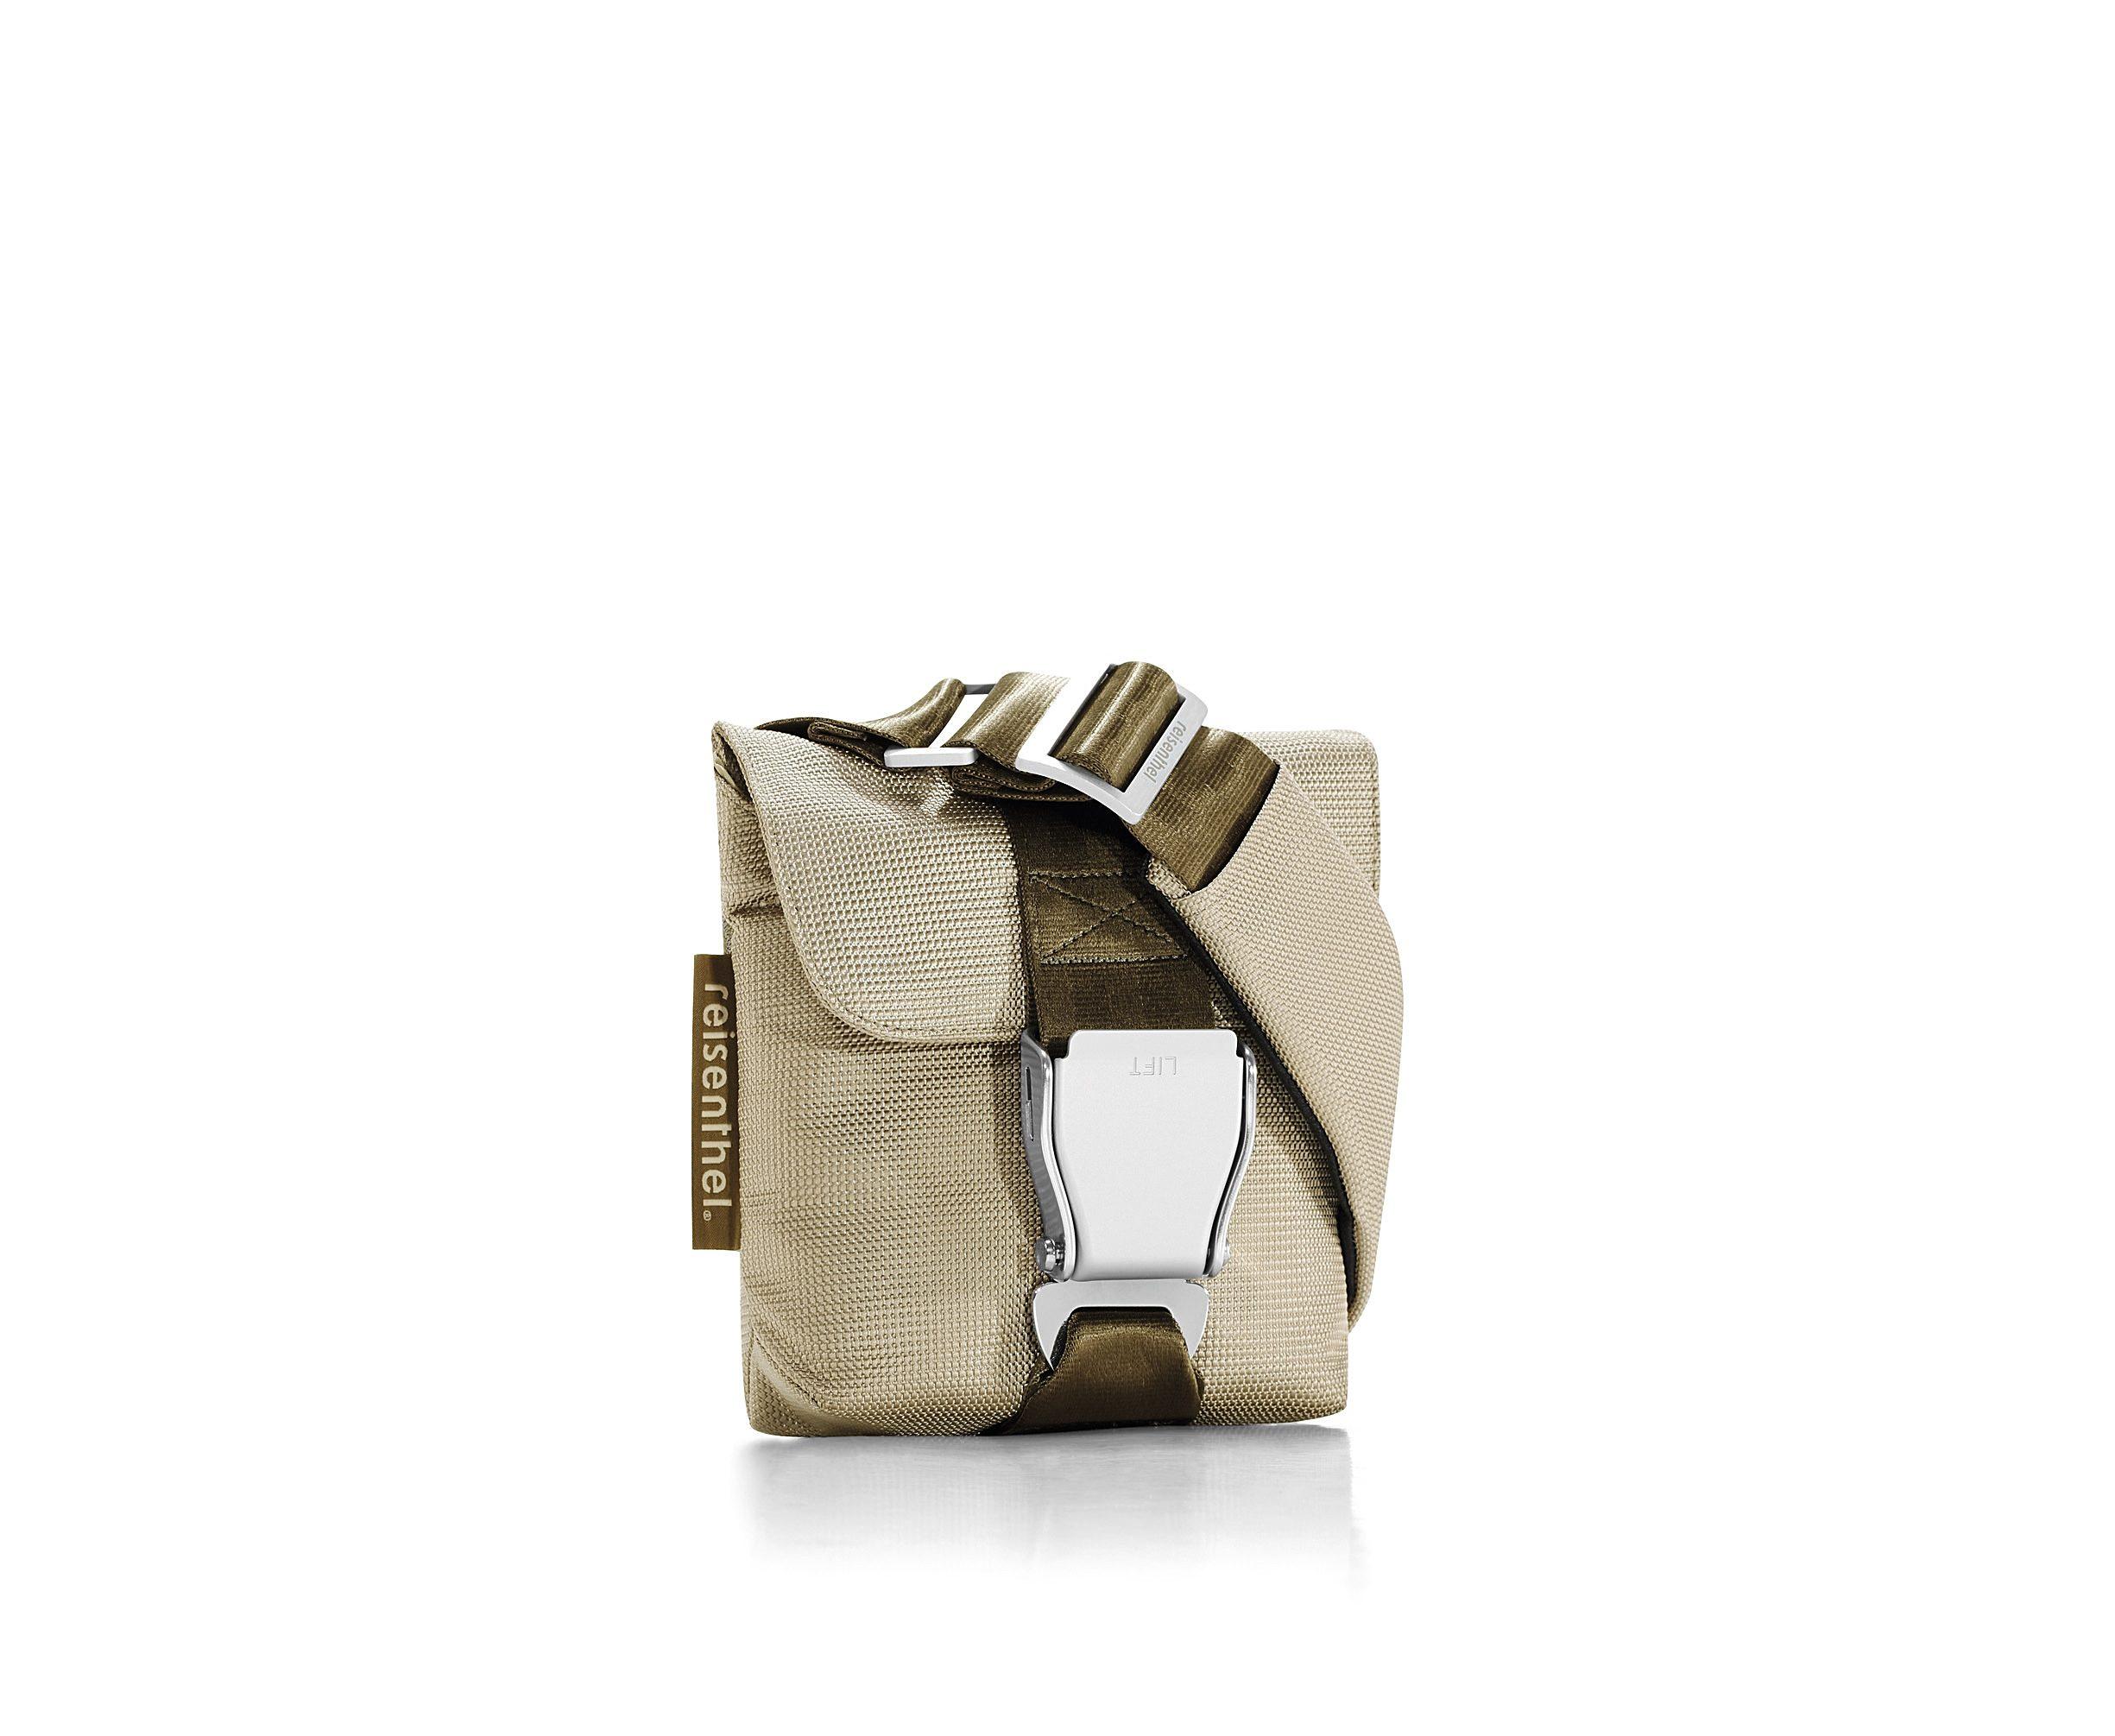 REISENTHEL® Fliegertasche Airbeltbag XS